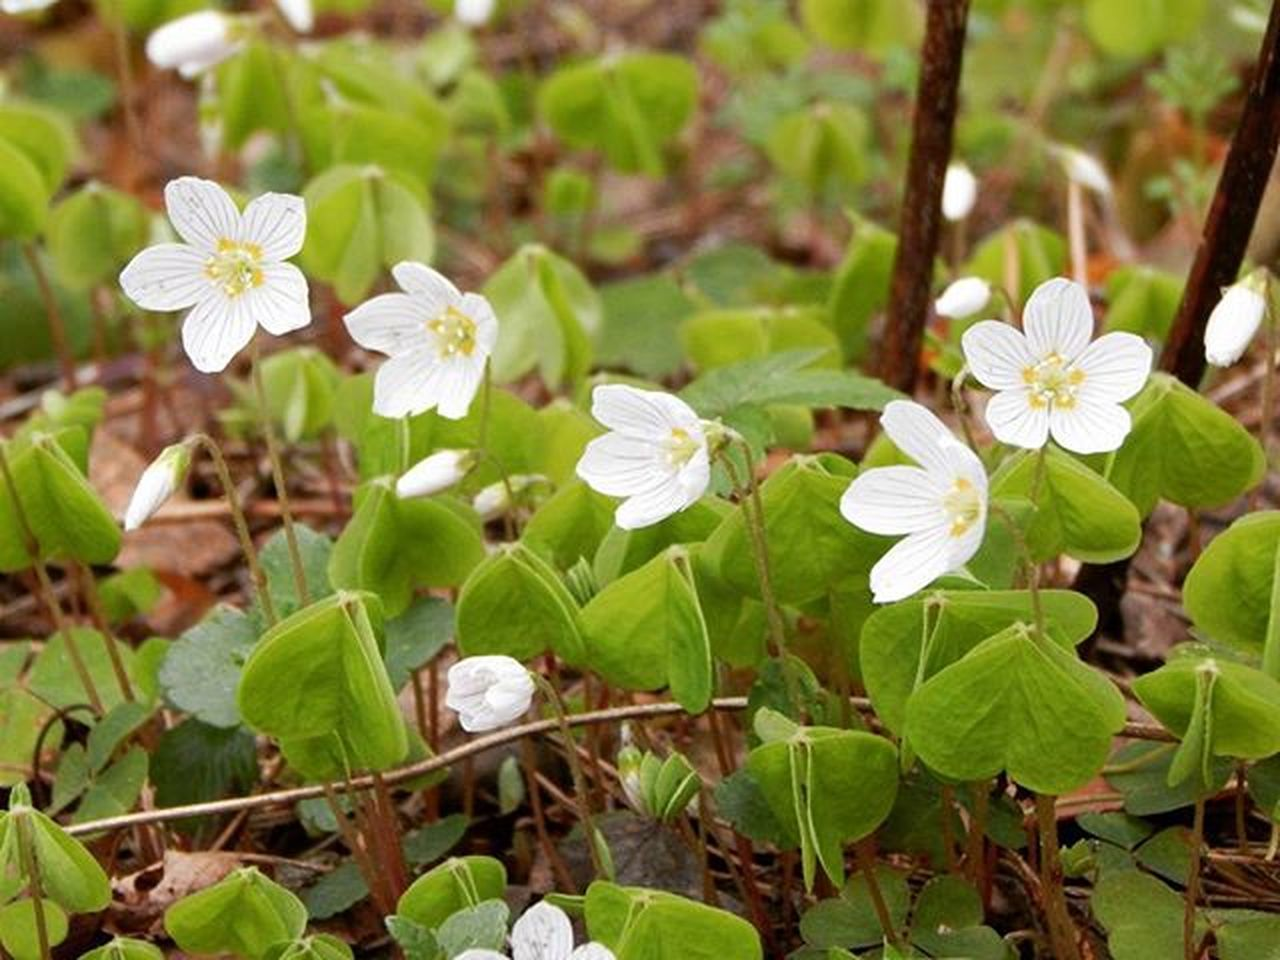 Zaķkāposti Spring Flowers Forest Macro Latvija Latvia Nature Spring Flowers Showcase April Eyem Best Shots EyeEm Best Shots Eyem Bestsellers